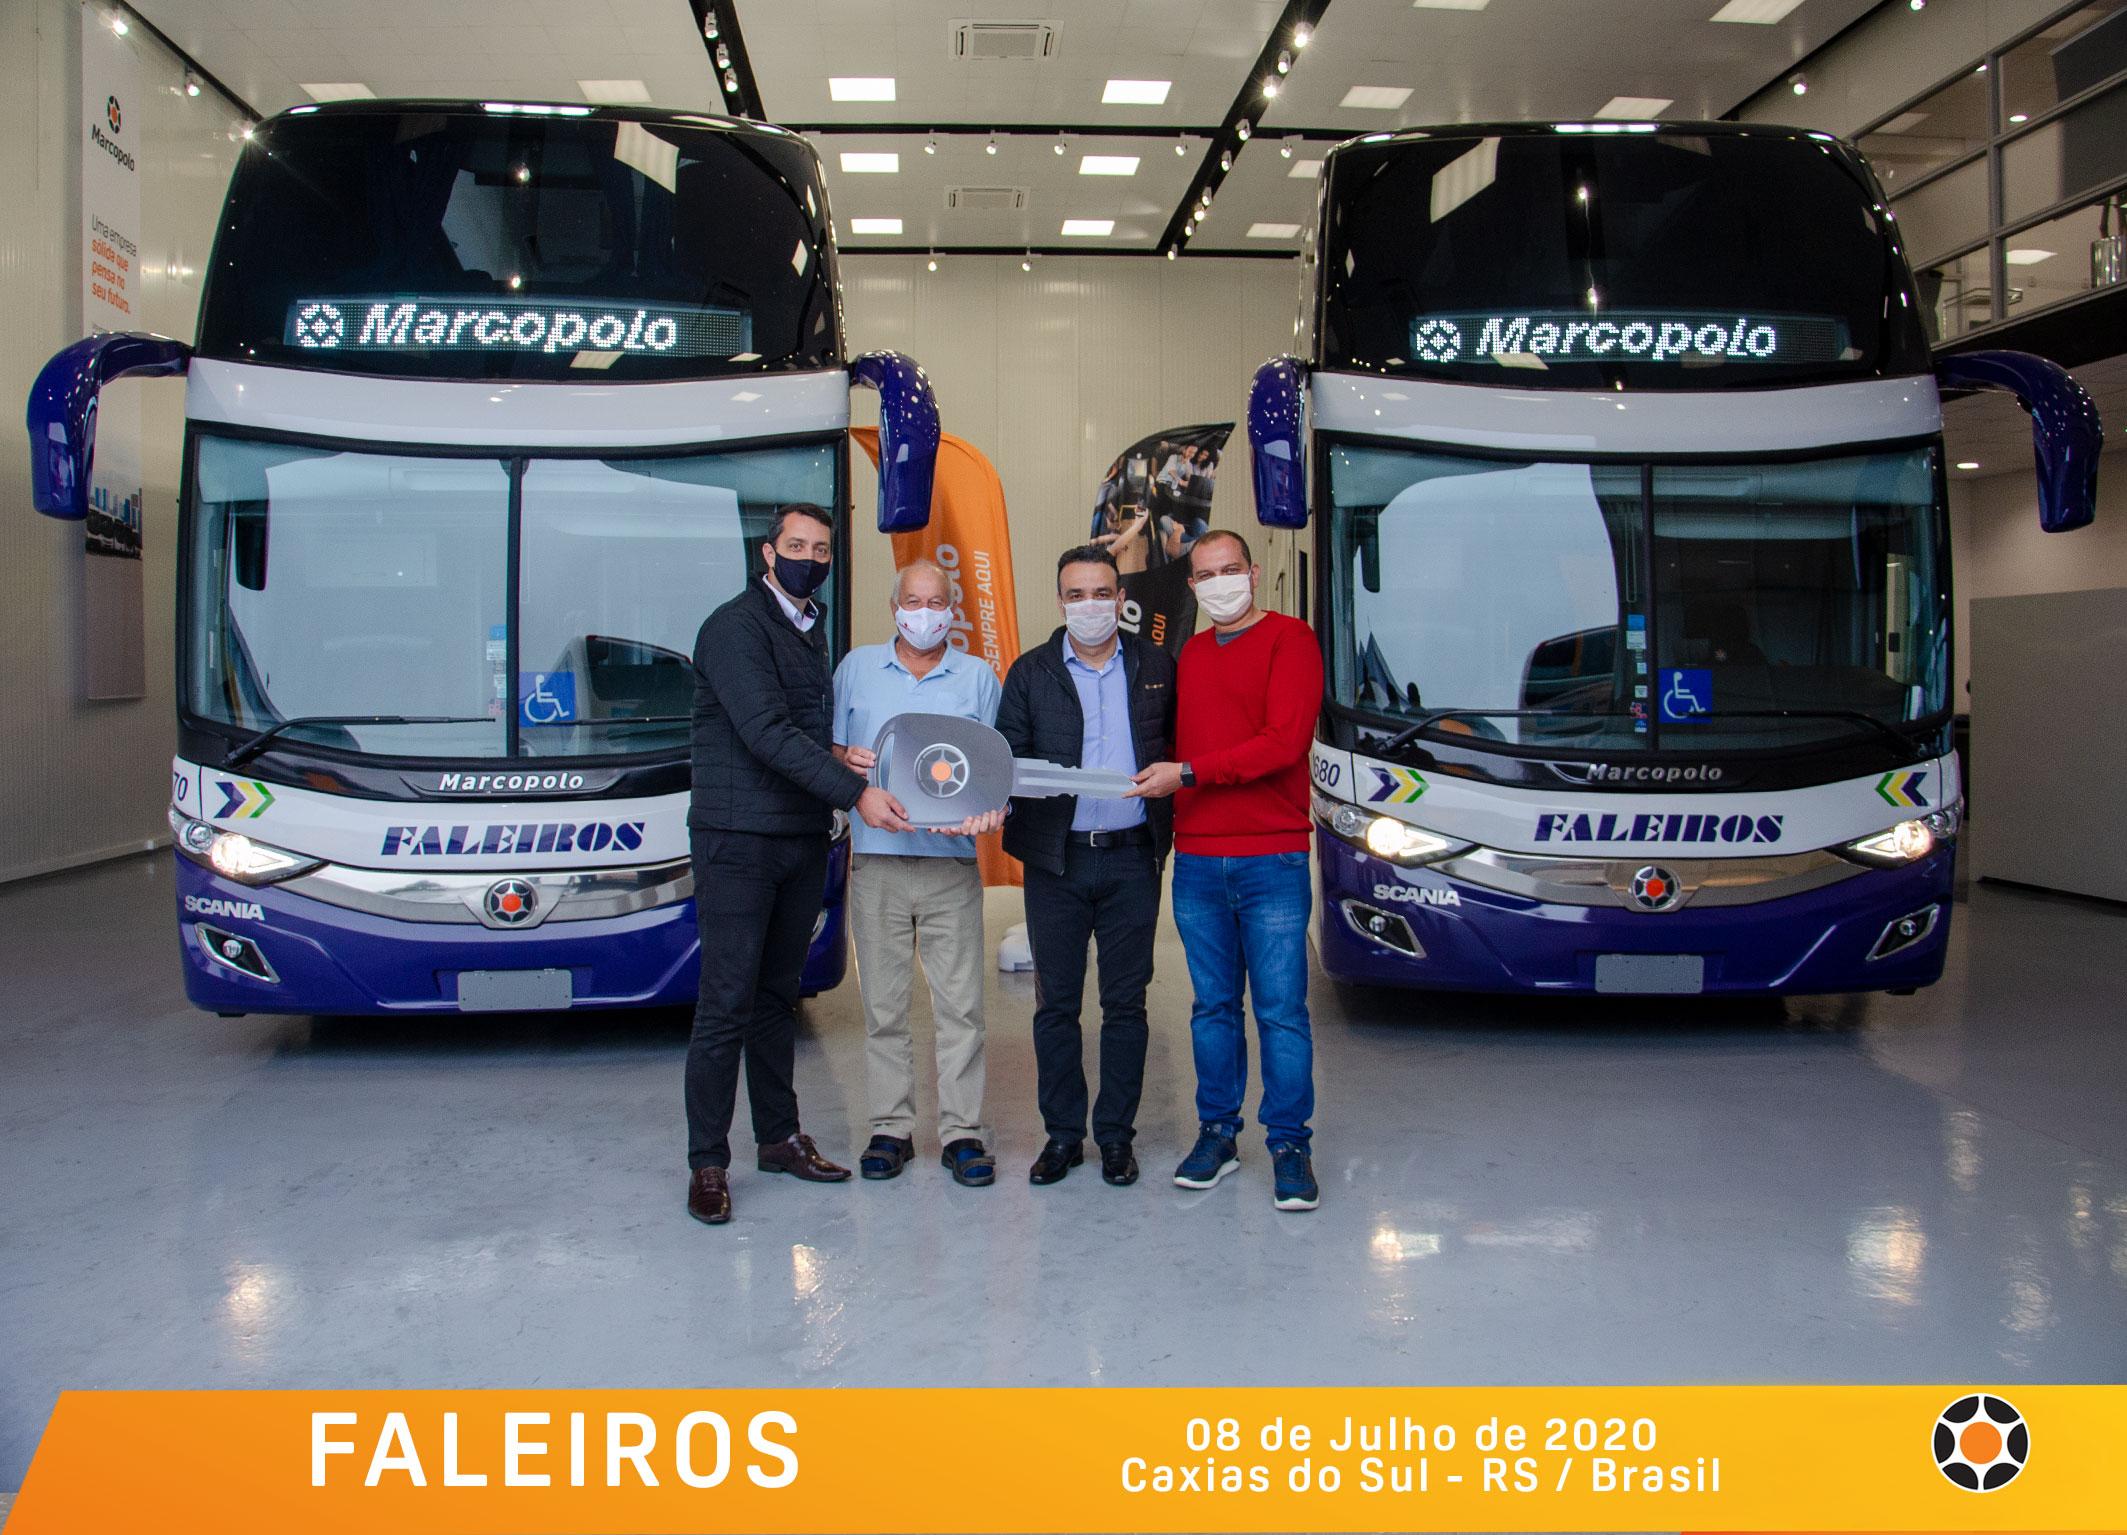 FALEIROS